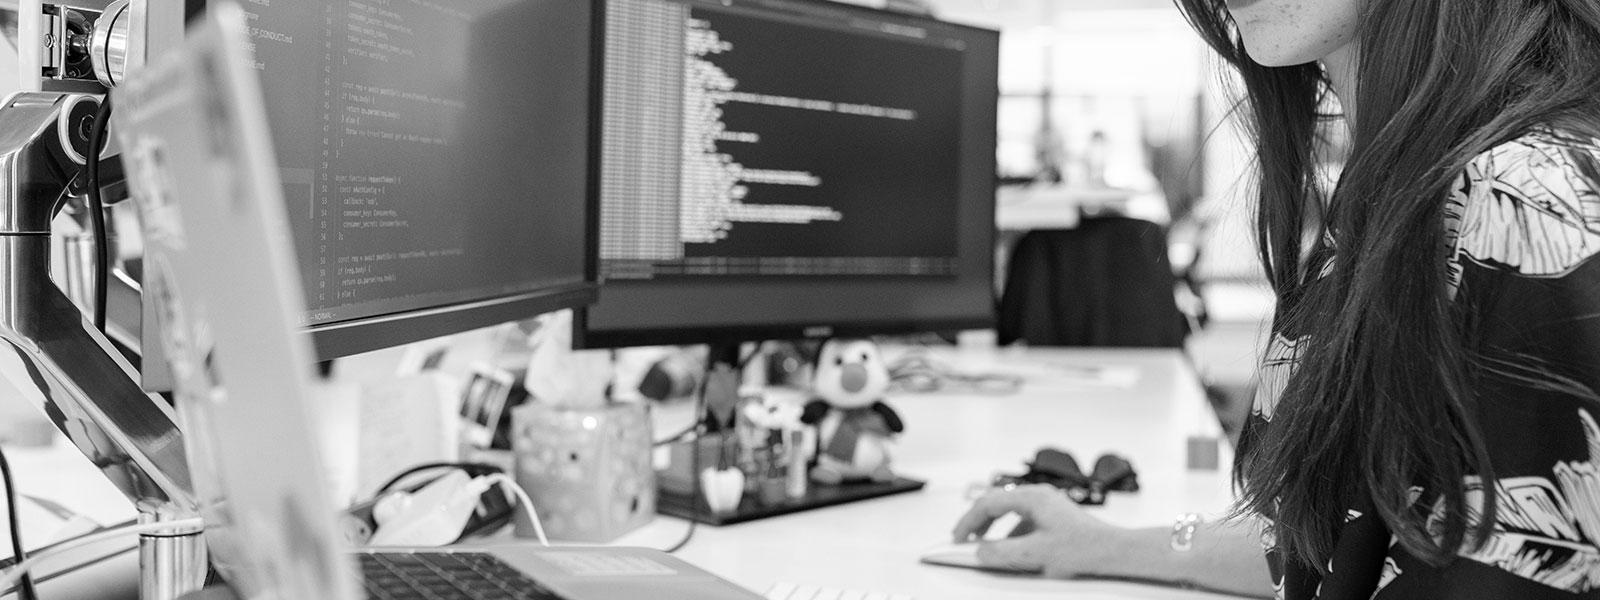 Developer programming